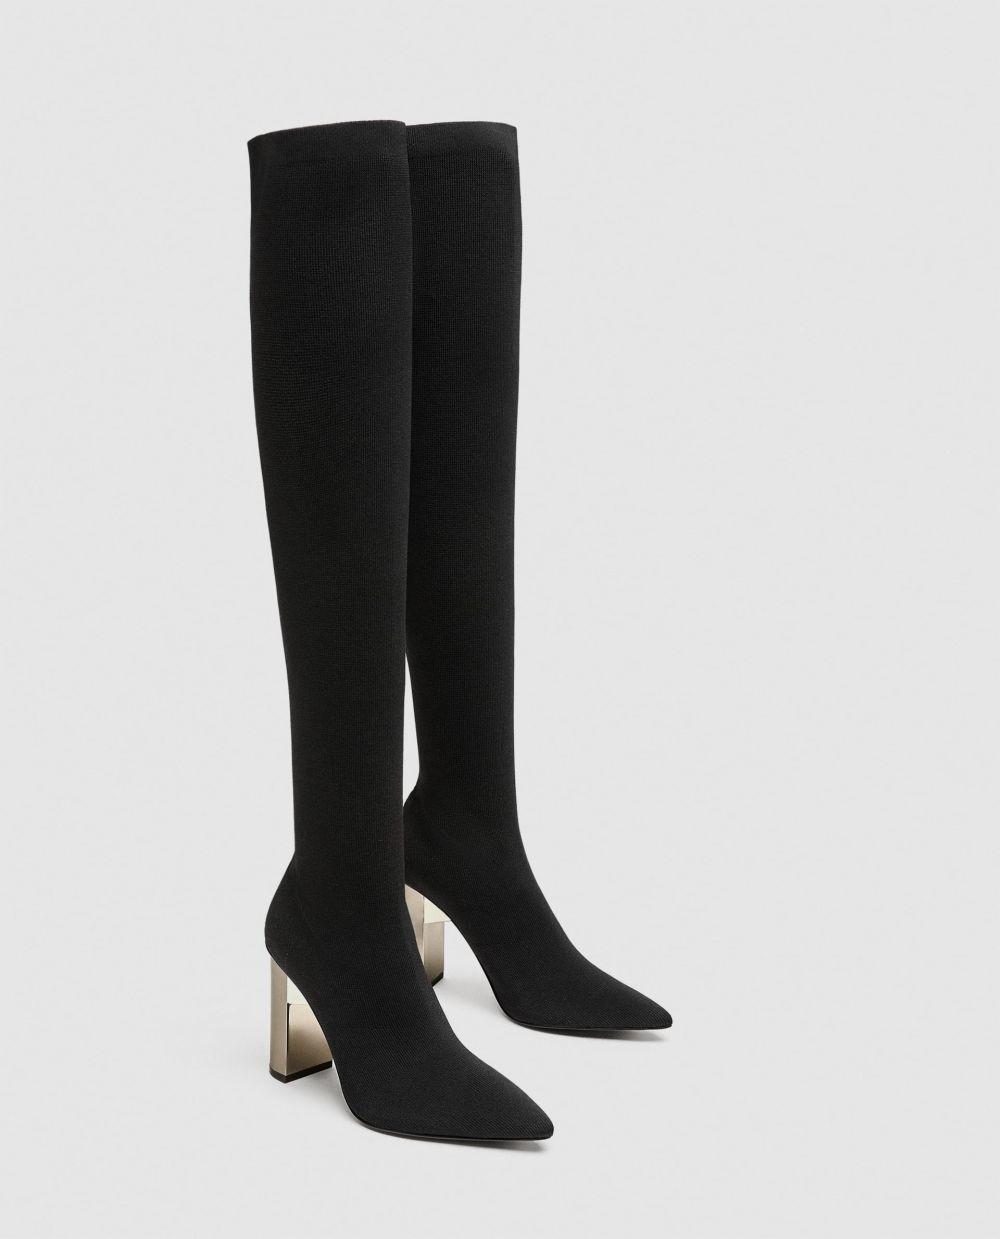 Botas altas de Zara (59,95 euros)